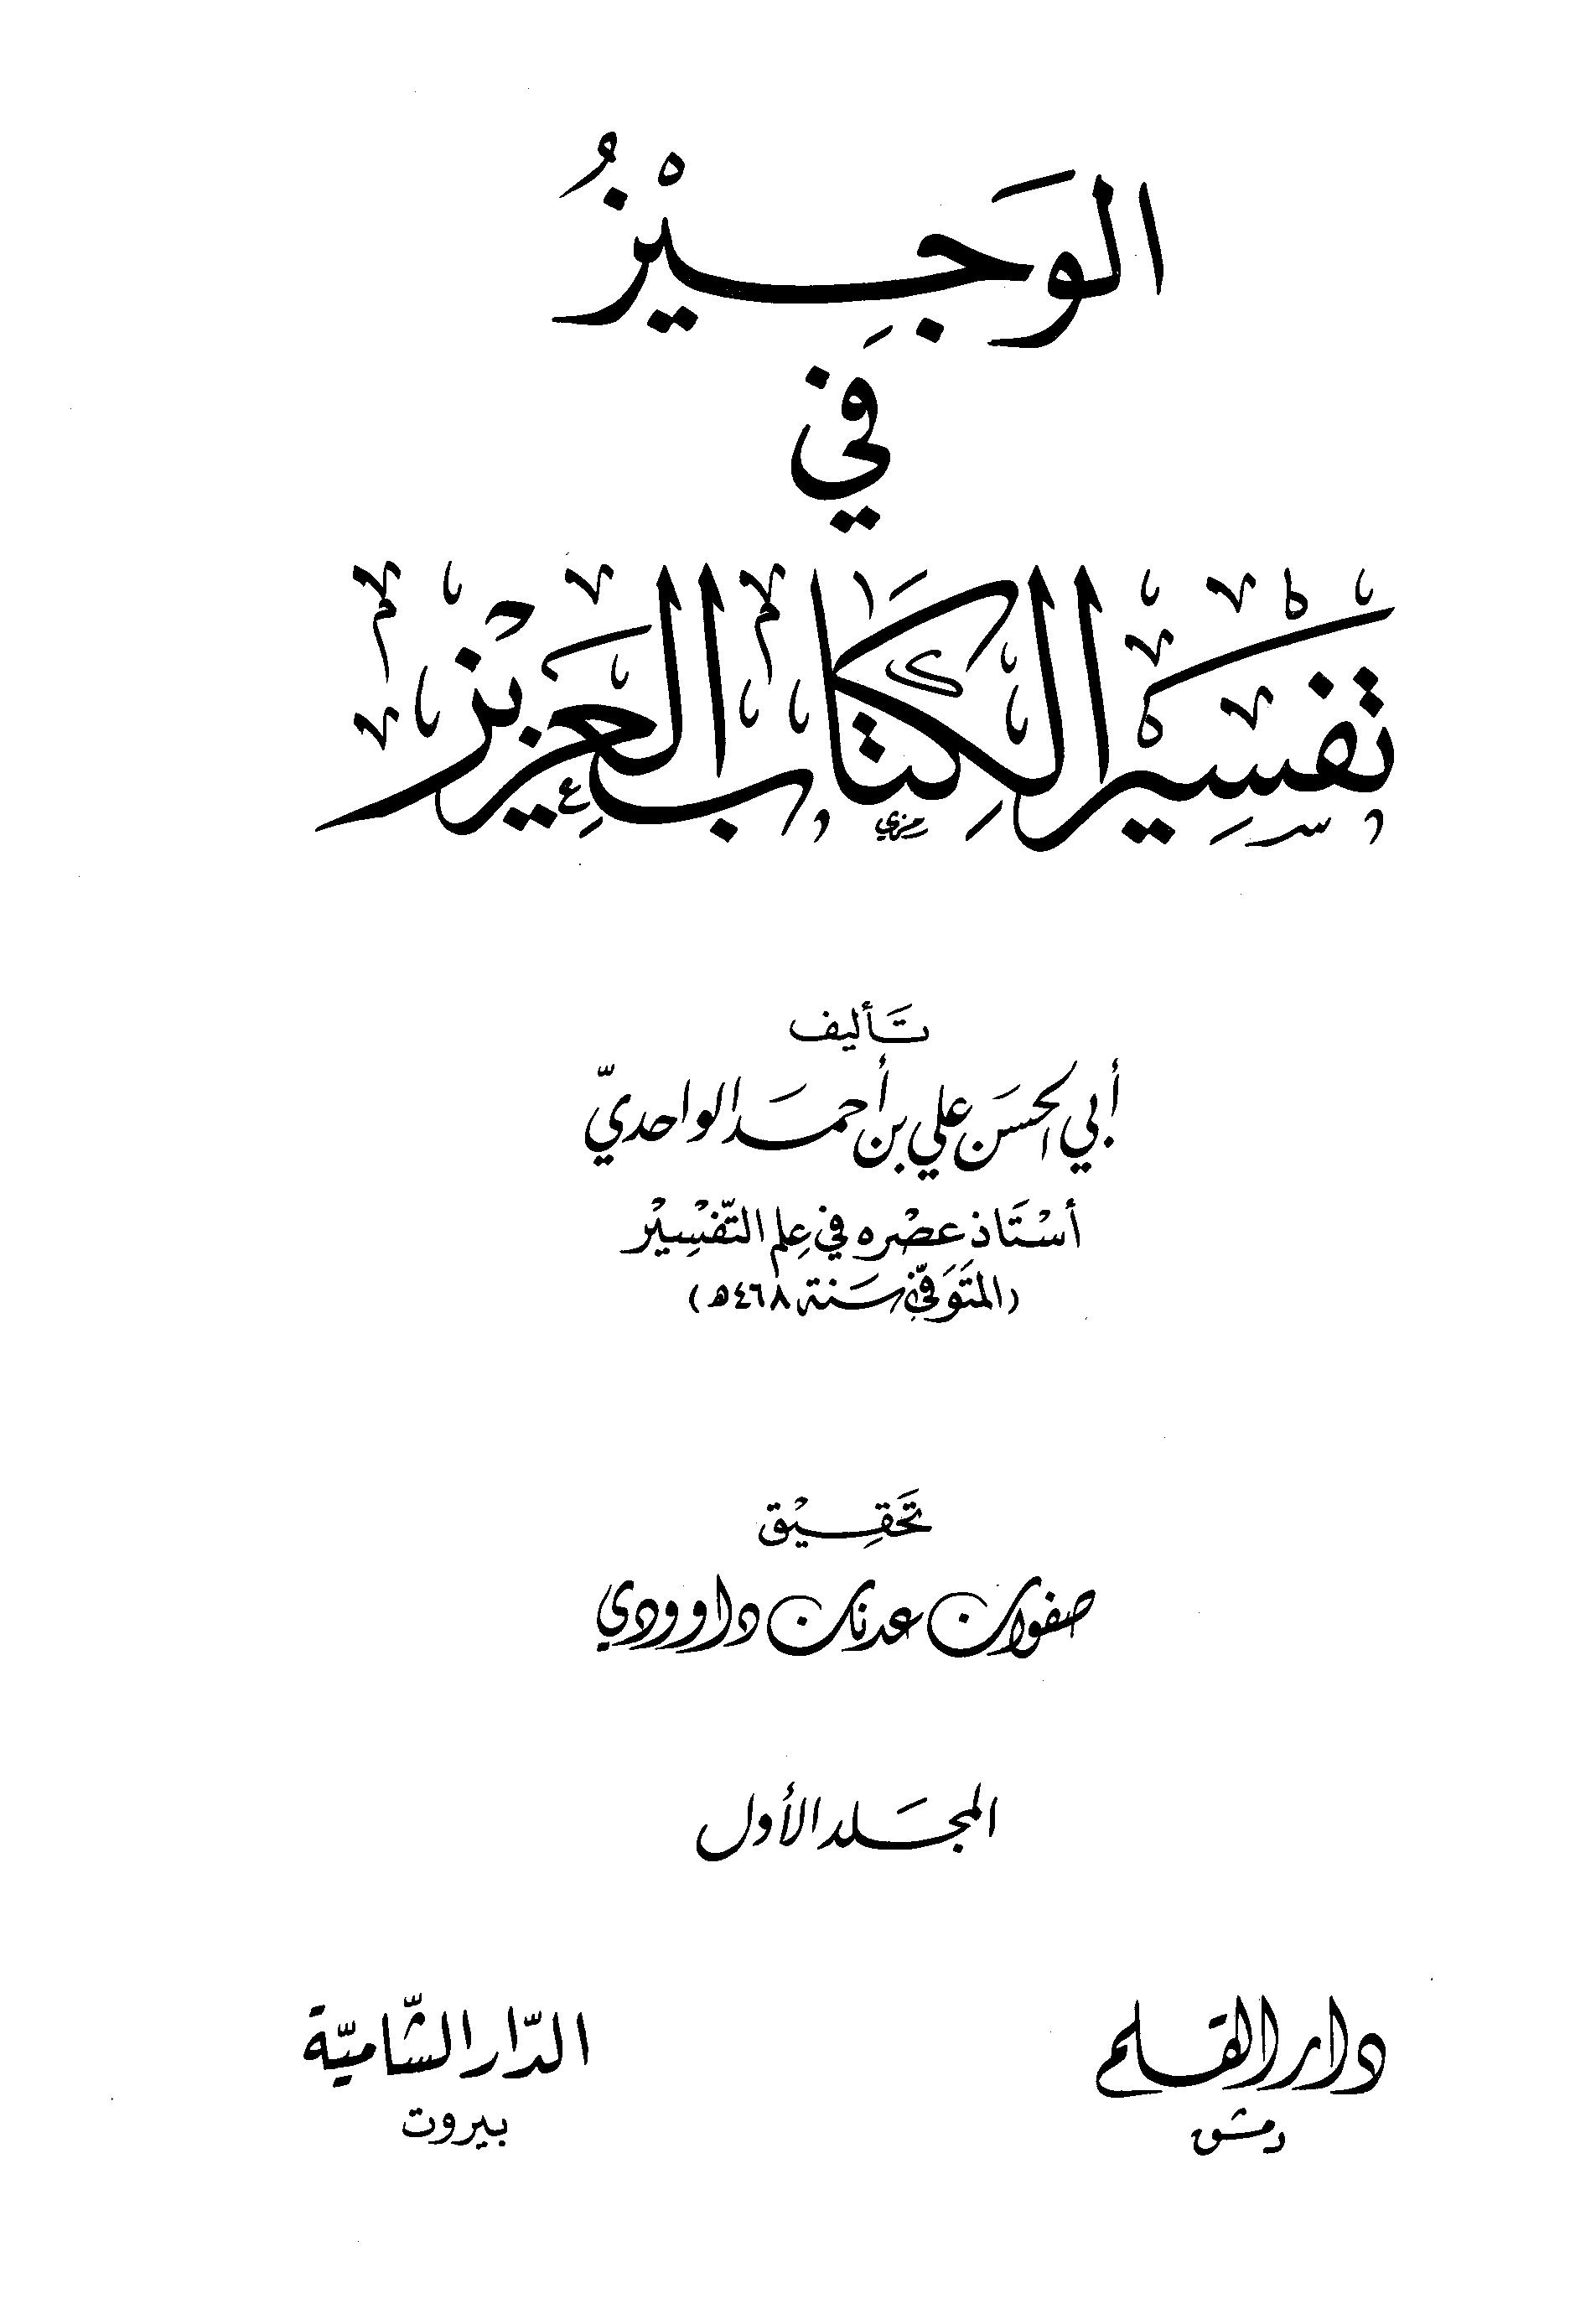 الوجيز في تفسير الكتاب العزيز - أبو الحسن علي بن أحمد بن محمد بن علي الواحدي (ت 468)